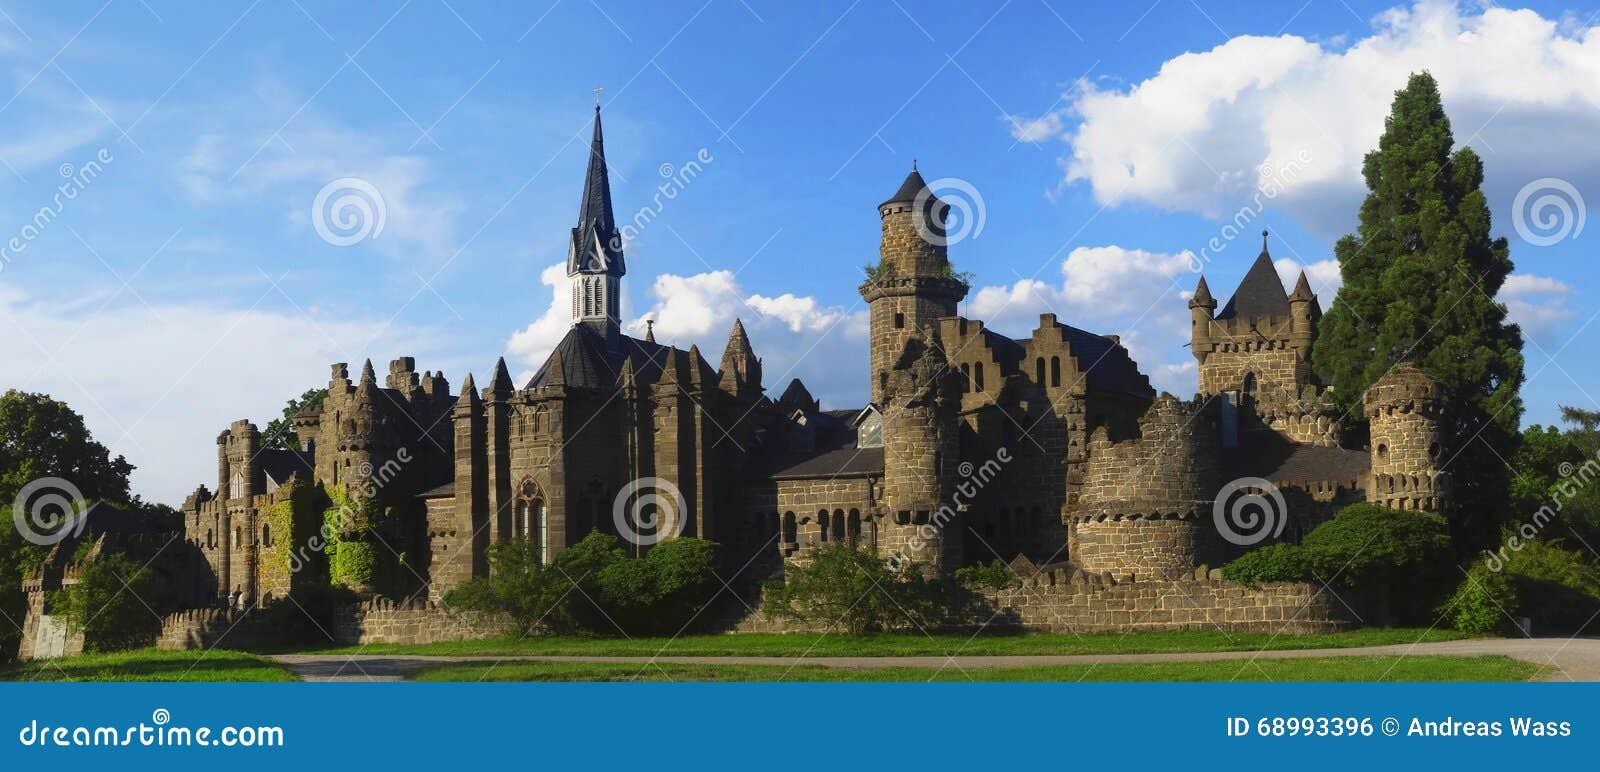 Romantische ruïne van het kasteel van een middeleeuwse ridder